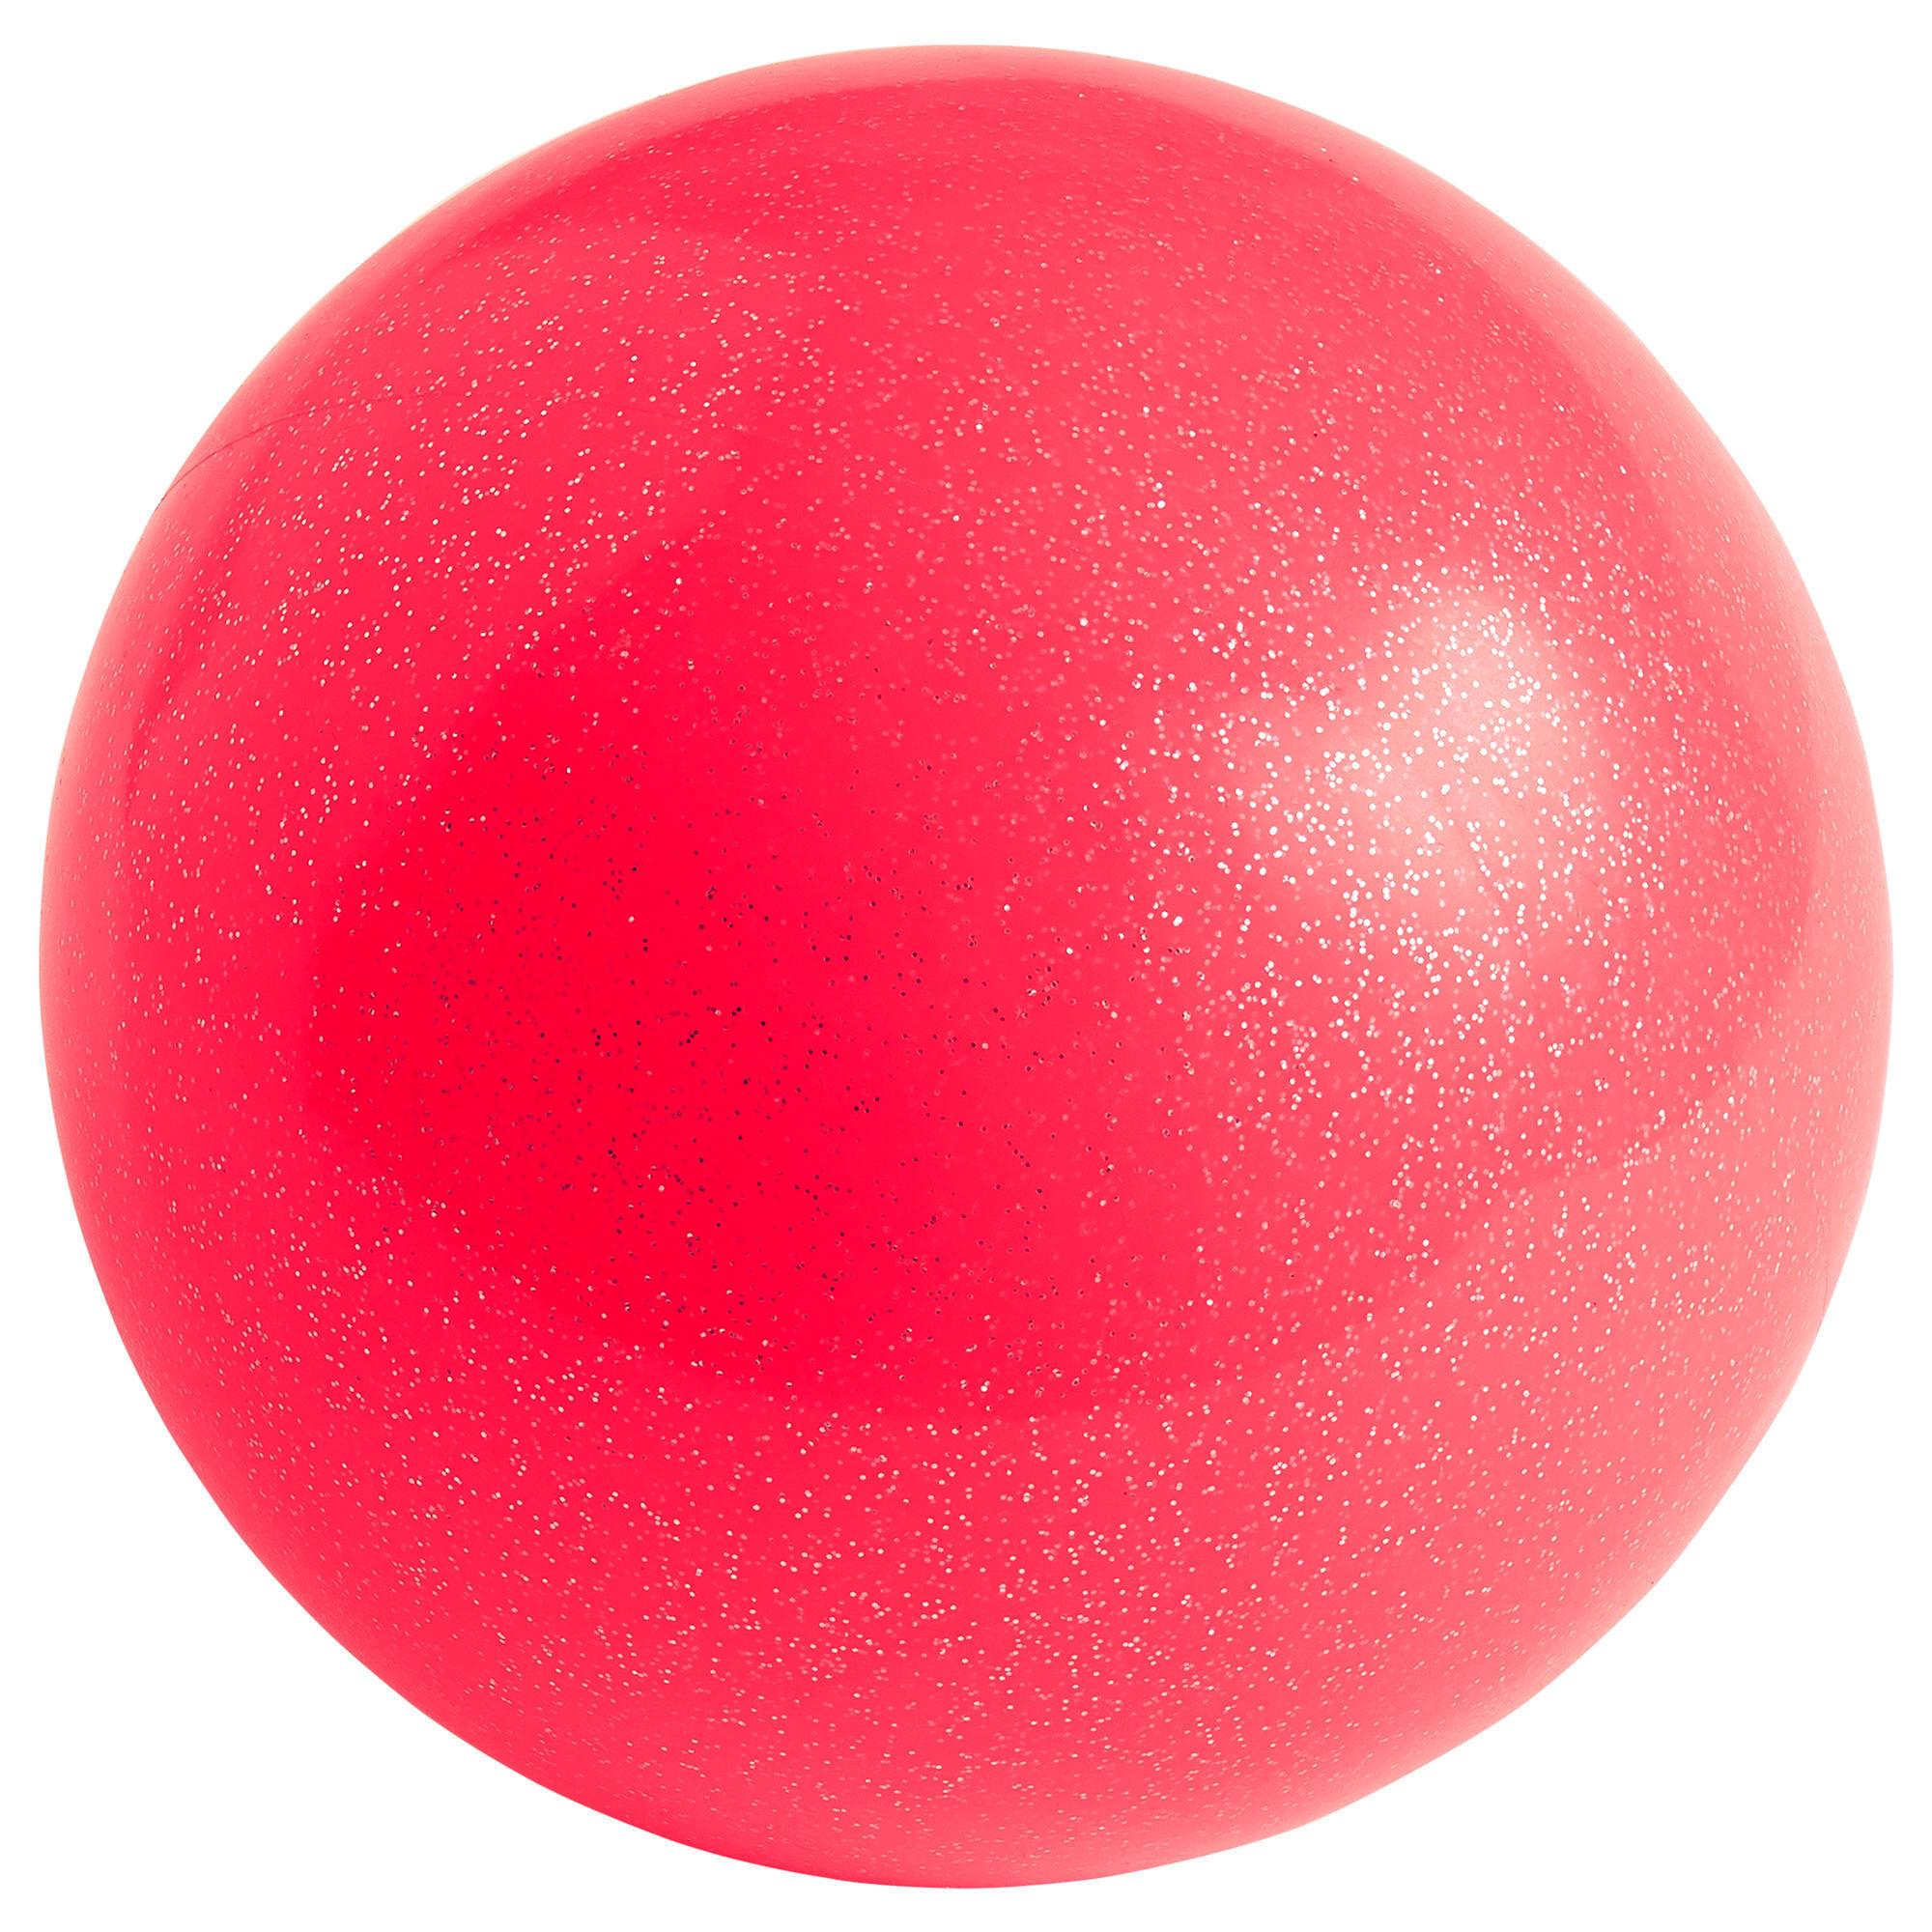 Rhythmic Gymnastics Ball 165mm - Glitter Pink